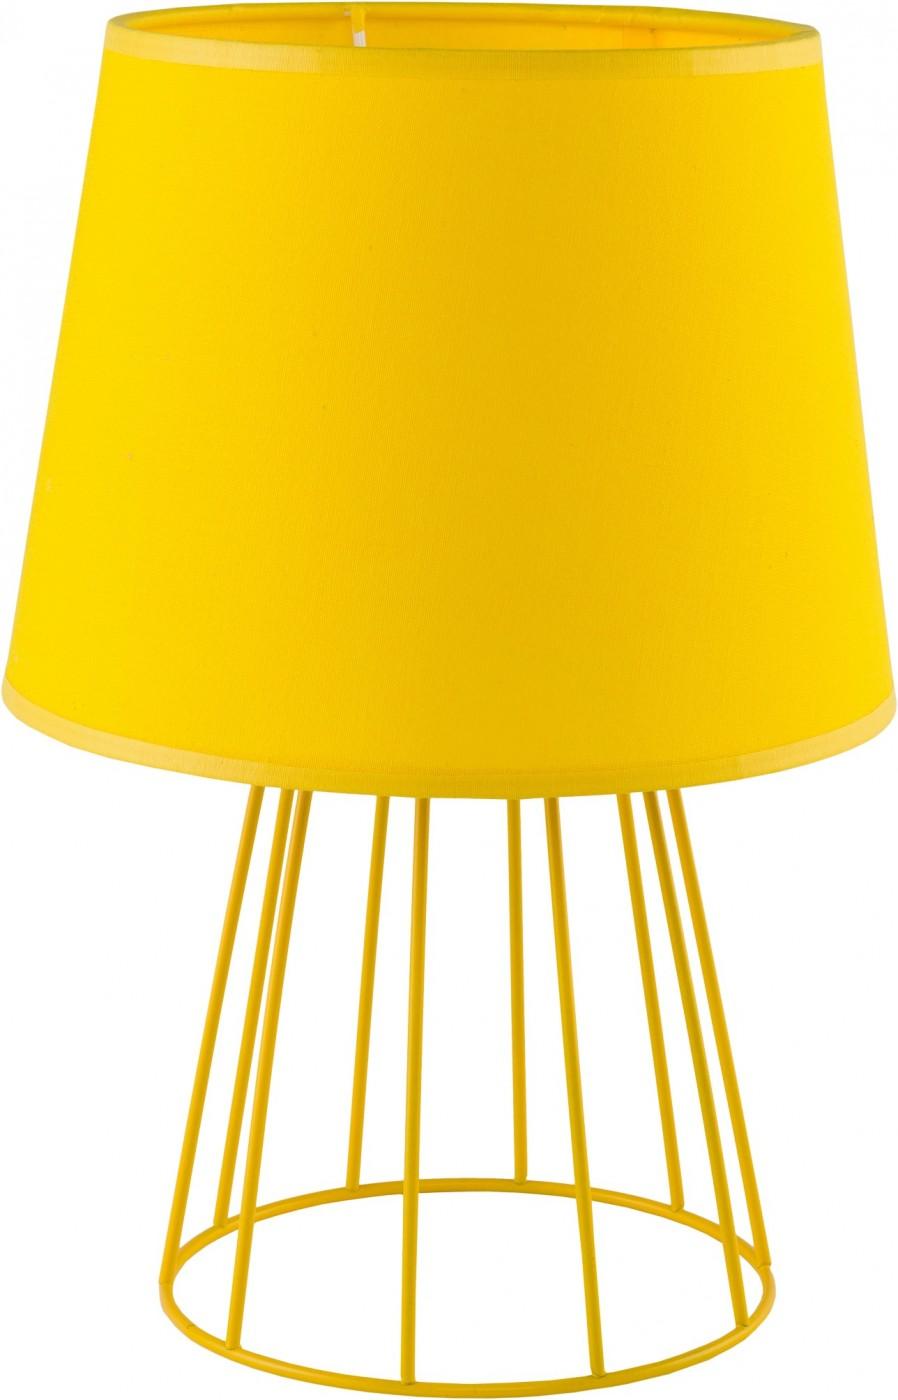 Nowoczesny Lampa Biurkowastołowa Sweet Yellow 3116 Tk Lighting Imperiumlamppl Nowoczesne Lampy Biurkowe Oraz Stołowe